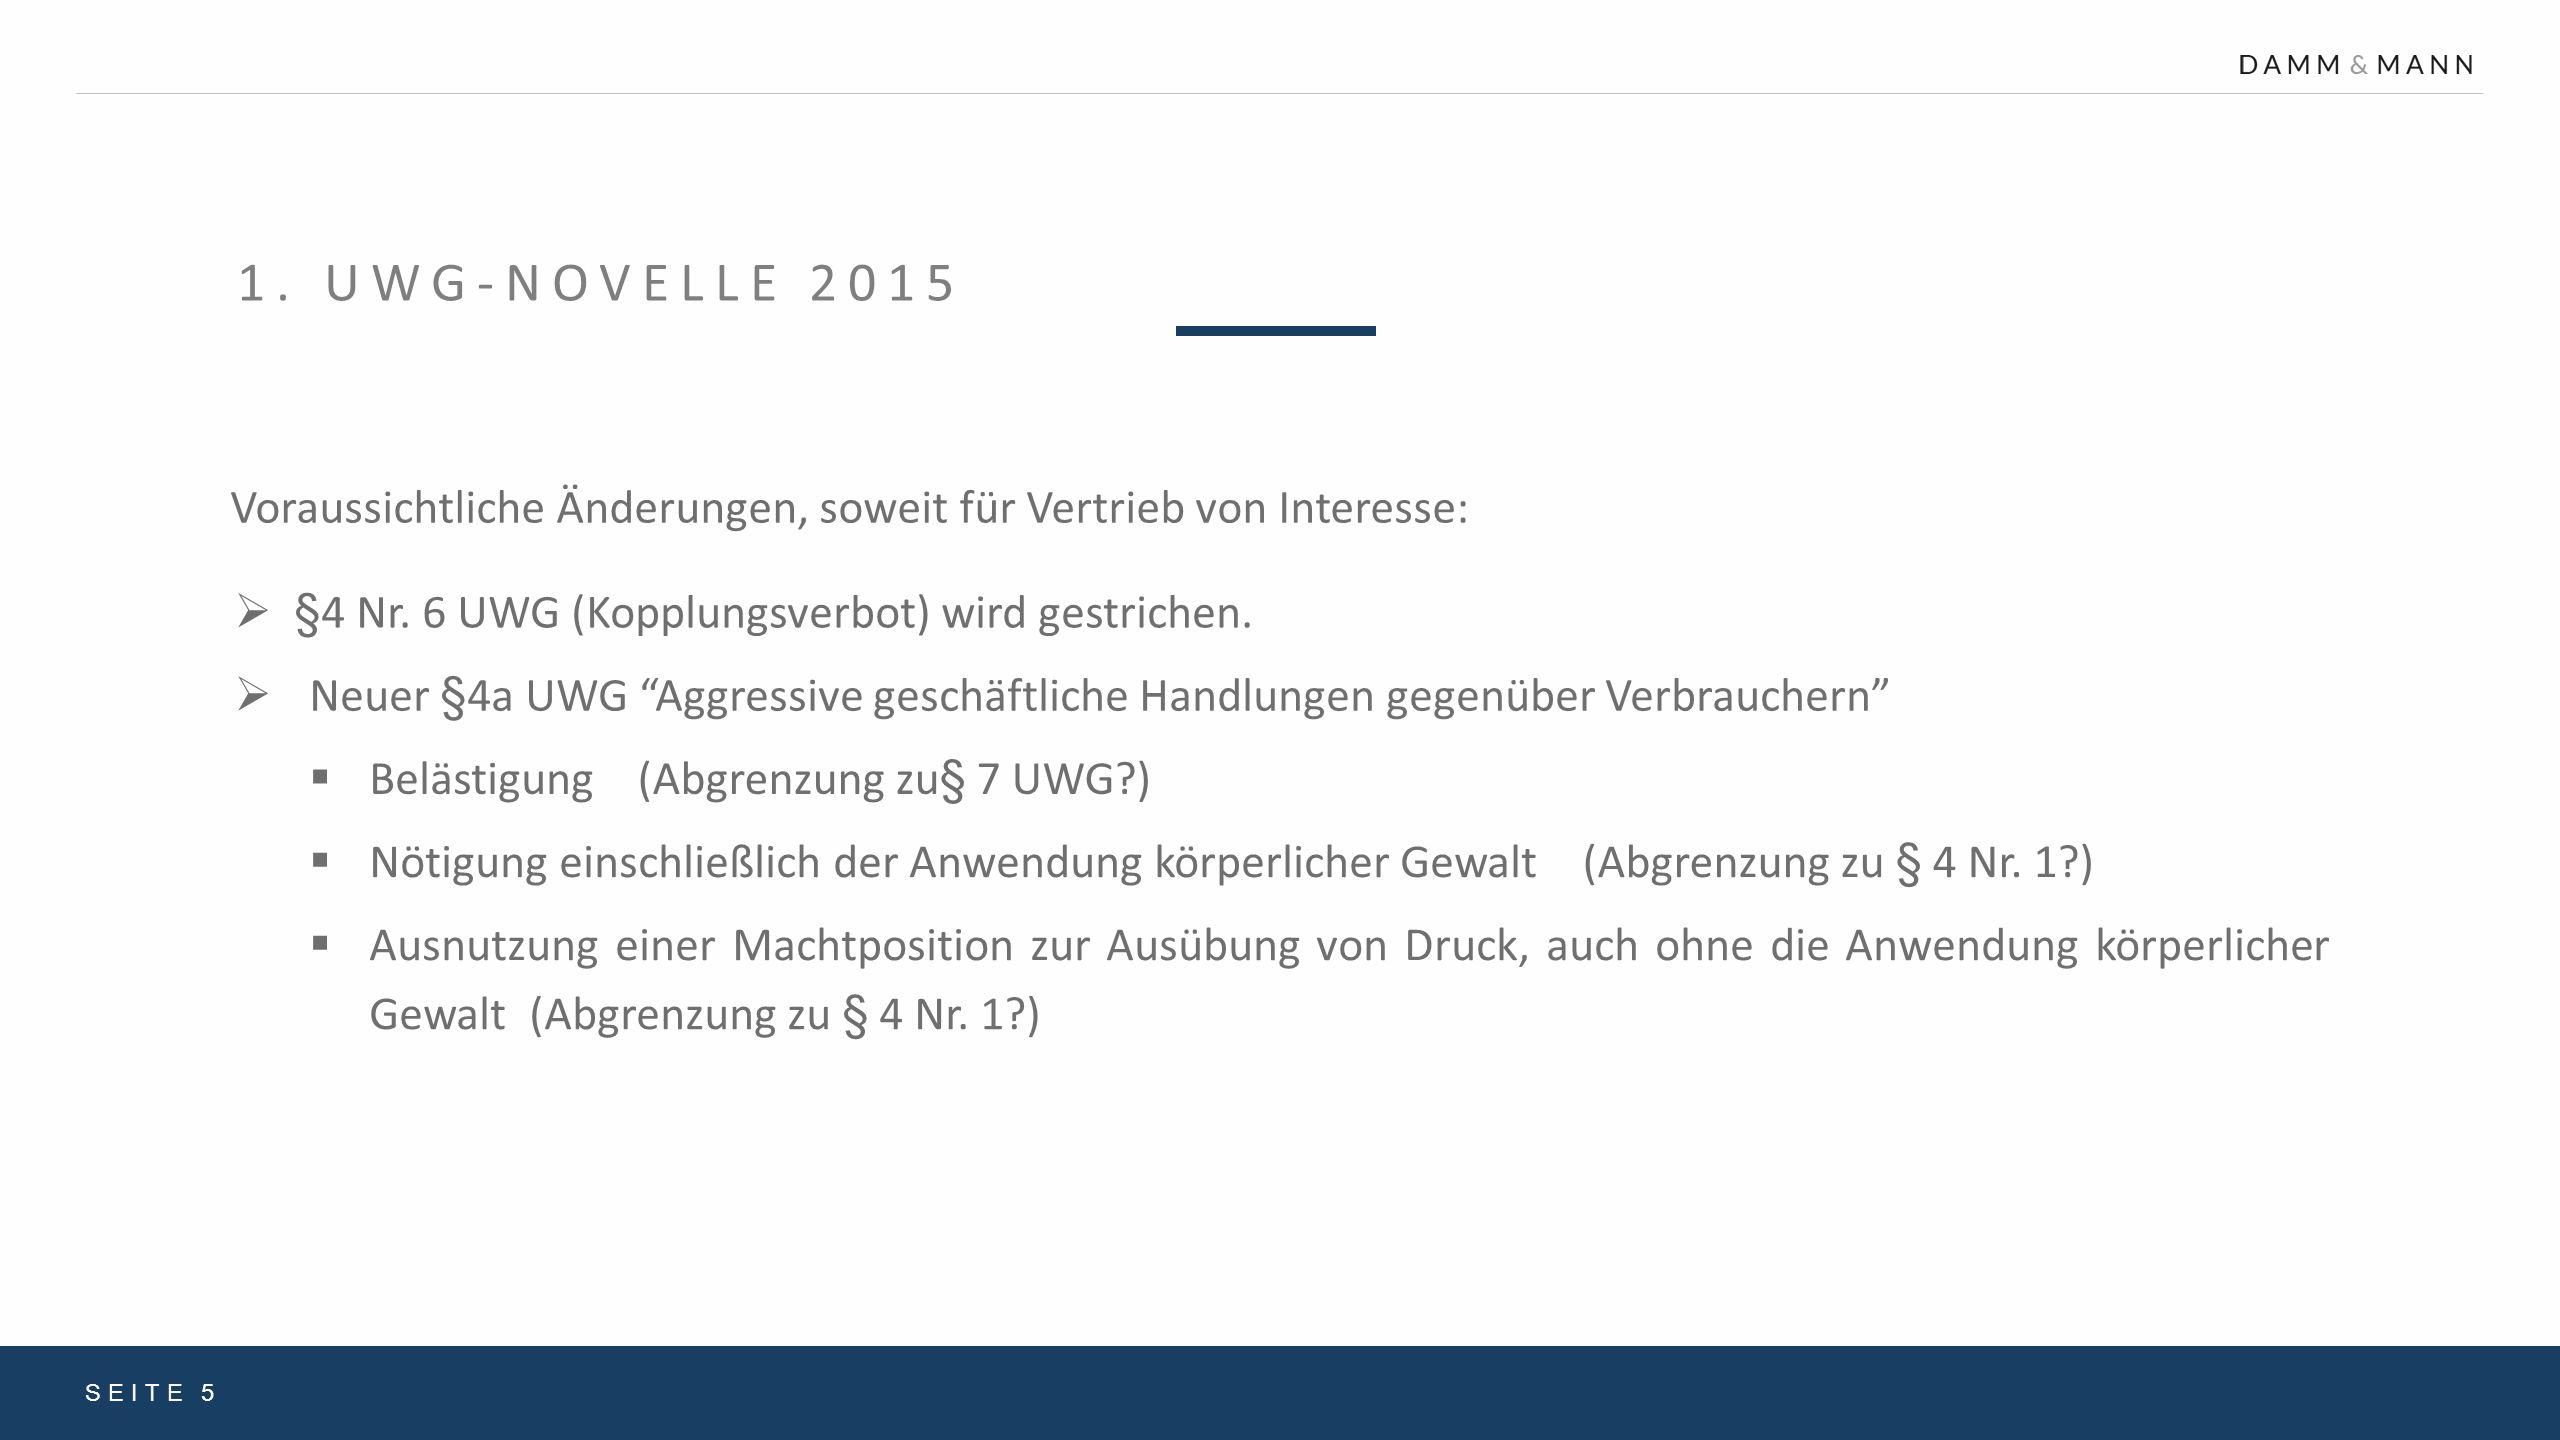 1. UWG-Novelle 2015 Voraussichtliche Änderungen, soweit für Vertrieb von Interesse: §4 Nr. 6 UWG (Kopplungsverbot) wird gestrichen.